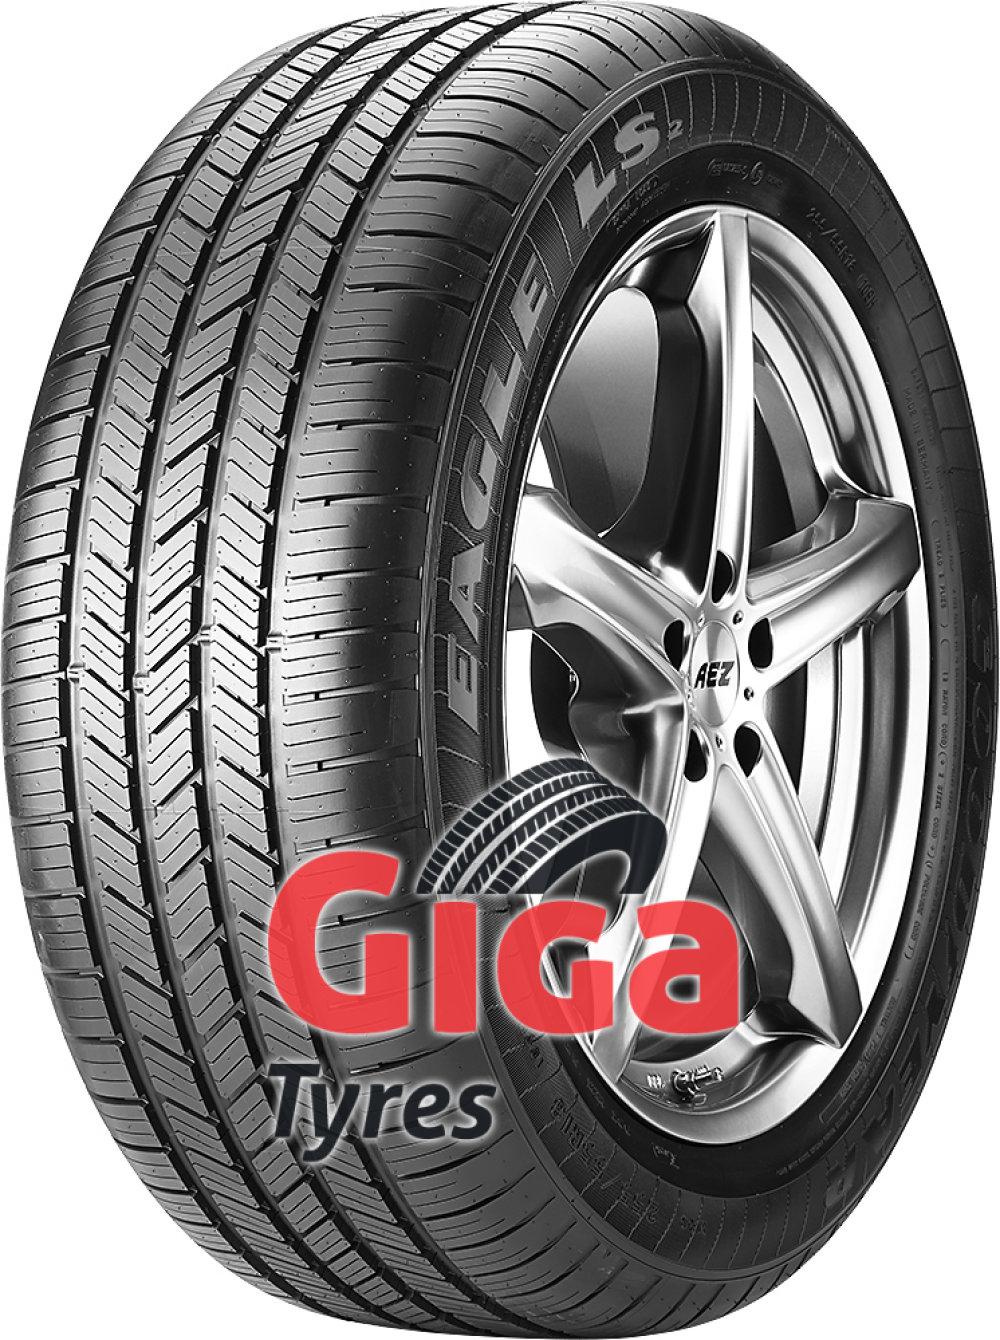 buy goodyear eagle ls2 245 45 r17 95h online giga tyres. Black Bedroom Furniture Sets. Home Design Ideas